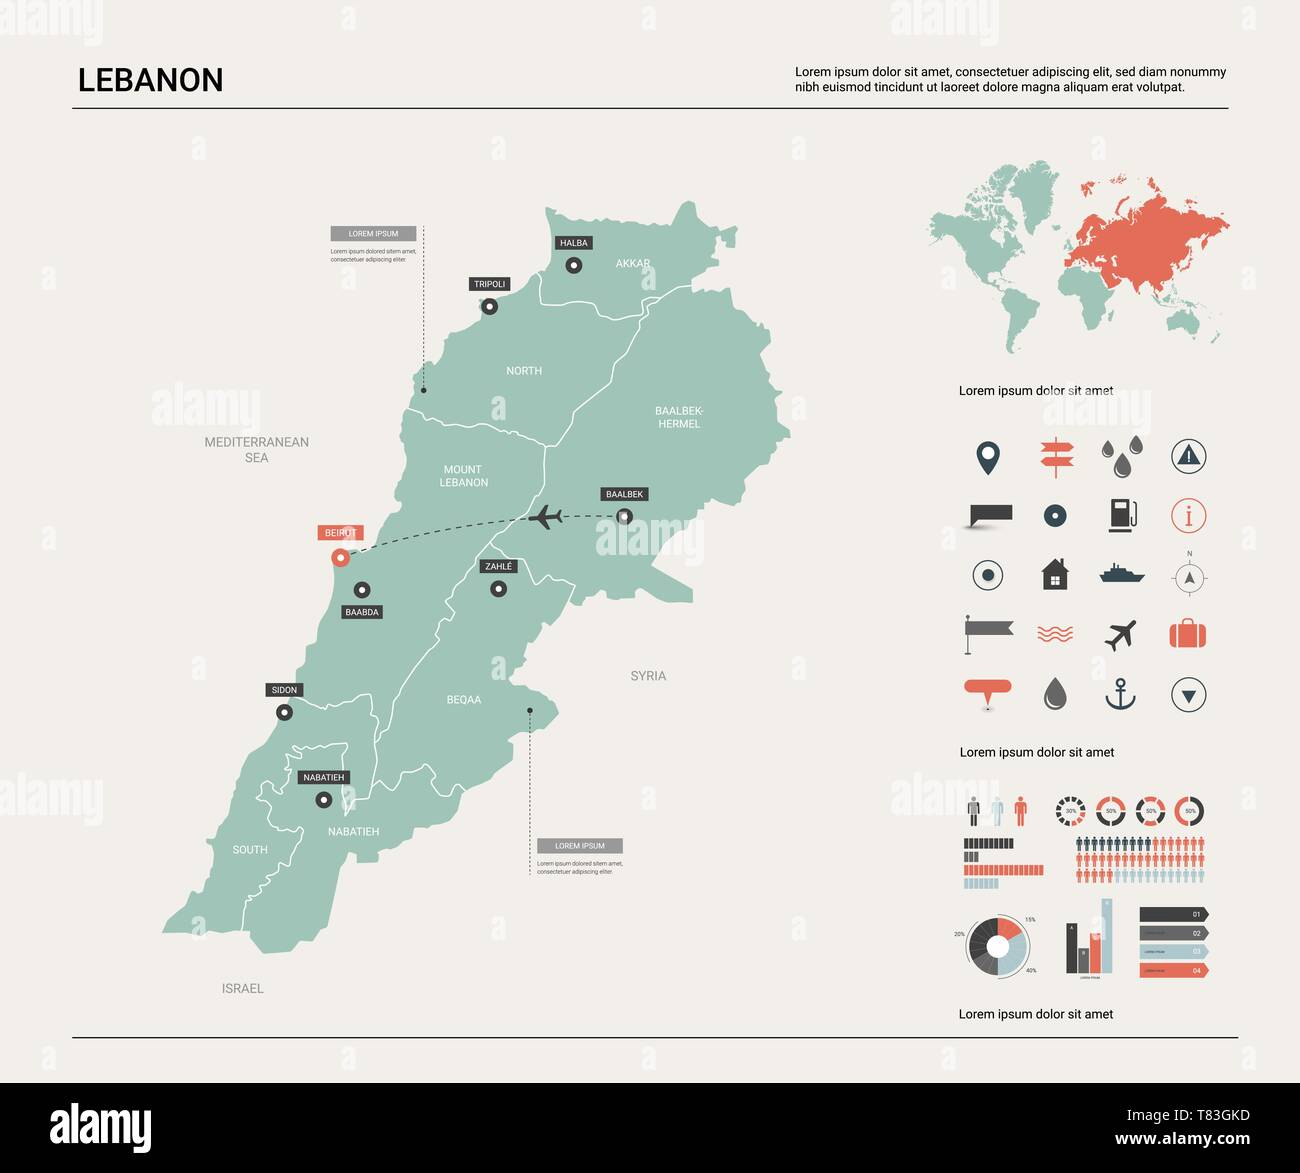 Cartina Del Libano.Mappa Vettoriale Del Libano Alta Dettagliata Mappa Del Paese Con La Divisione La Citta E La Capitale Beirut Mappa Politico Mappa Del Mondo Elementi Infografico Immagine E Vettoriale Alamy